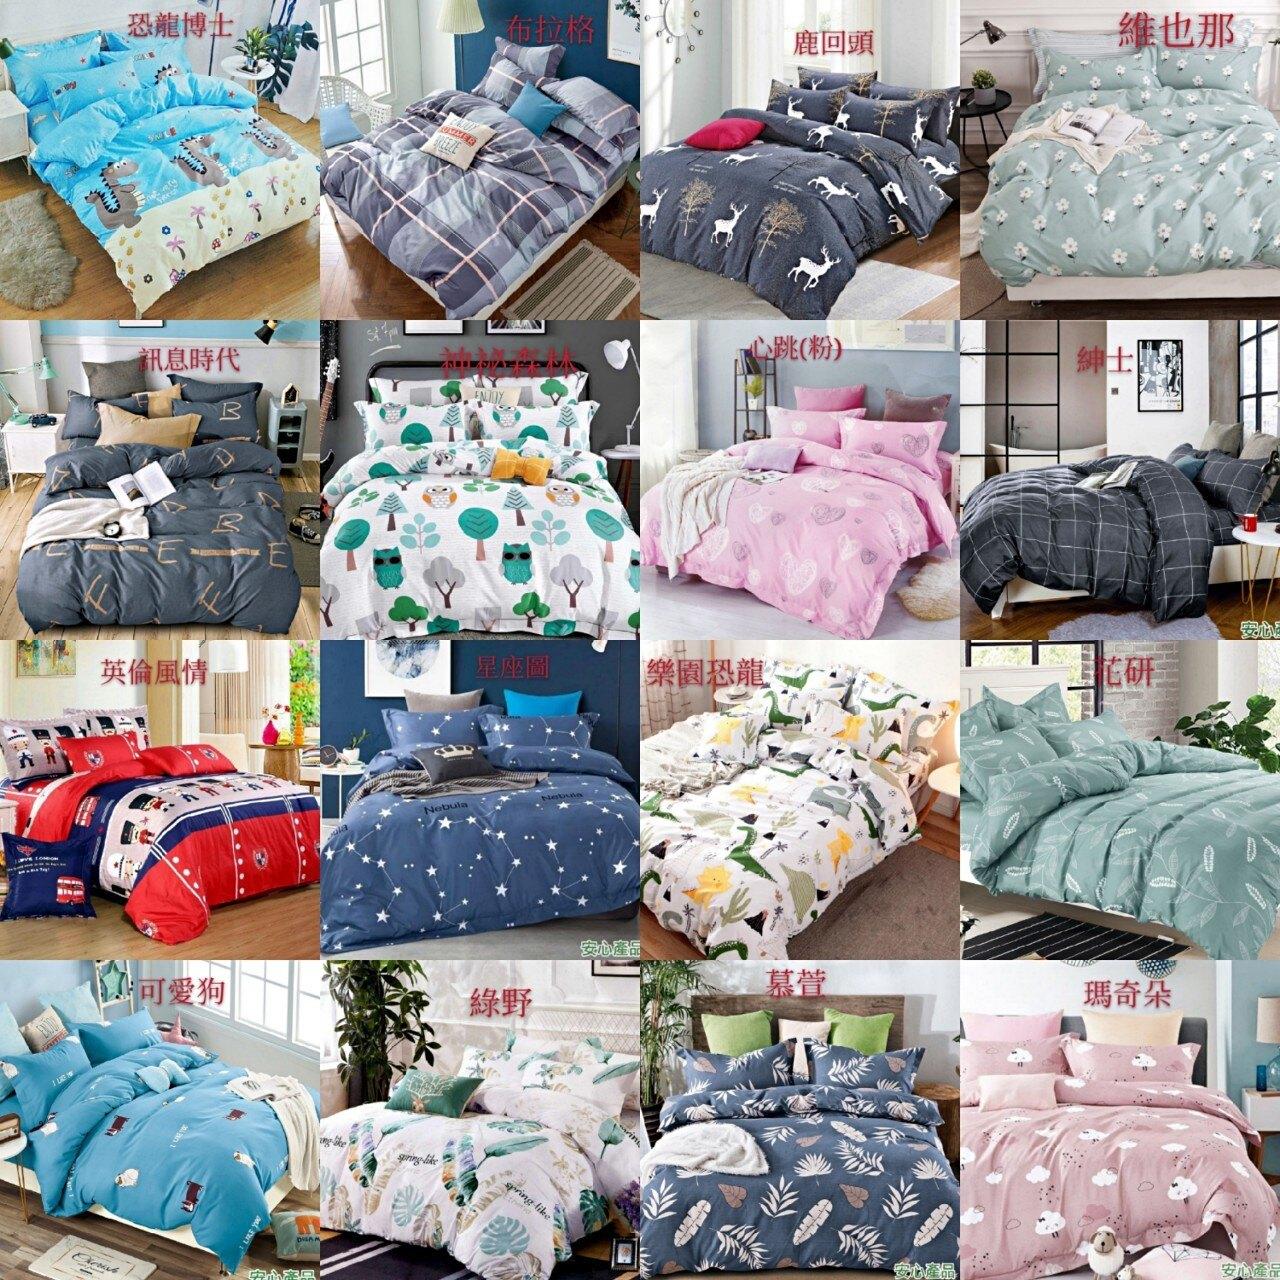 台灣製 77款任選 現貨 床包/雙人床包/加大床包/特大床包/床包組/被套/兩用被套/鋪棉床包/單人床包/床單